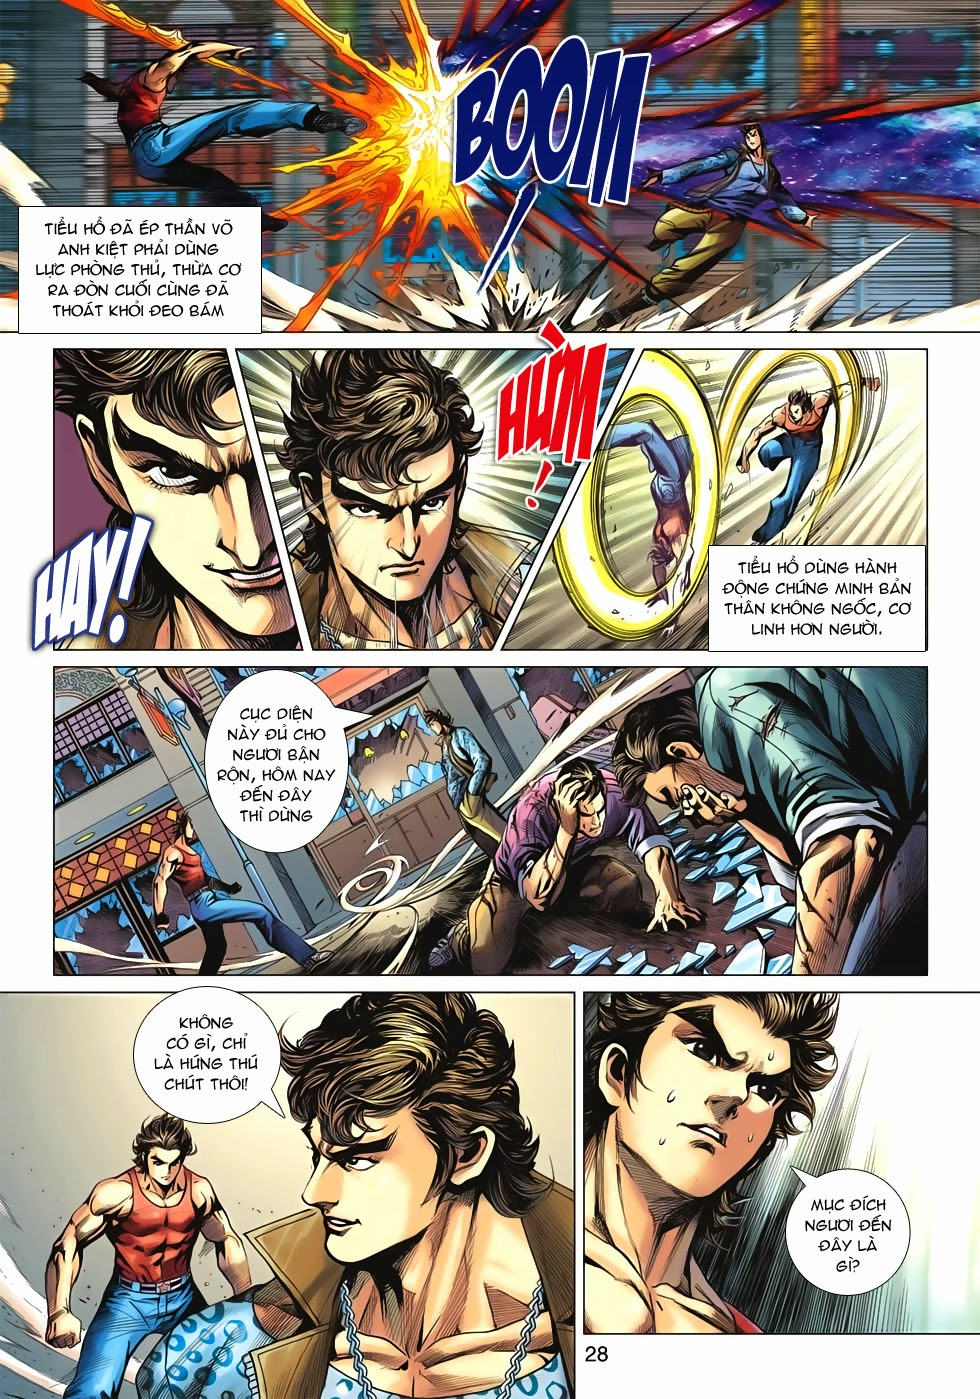 Tân Tác Long Hổ Môn trang 28